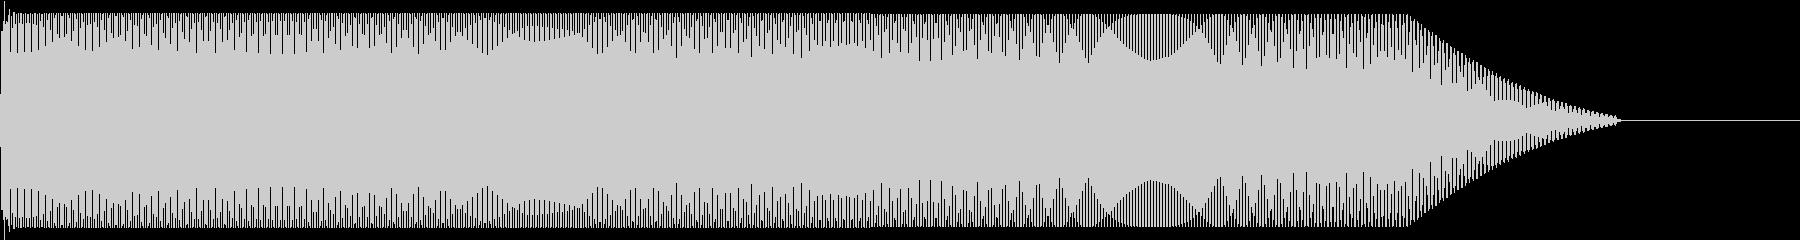 メタルコアベースドロップ D♯2→D♯1の未再生の波形